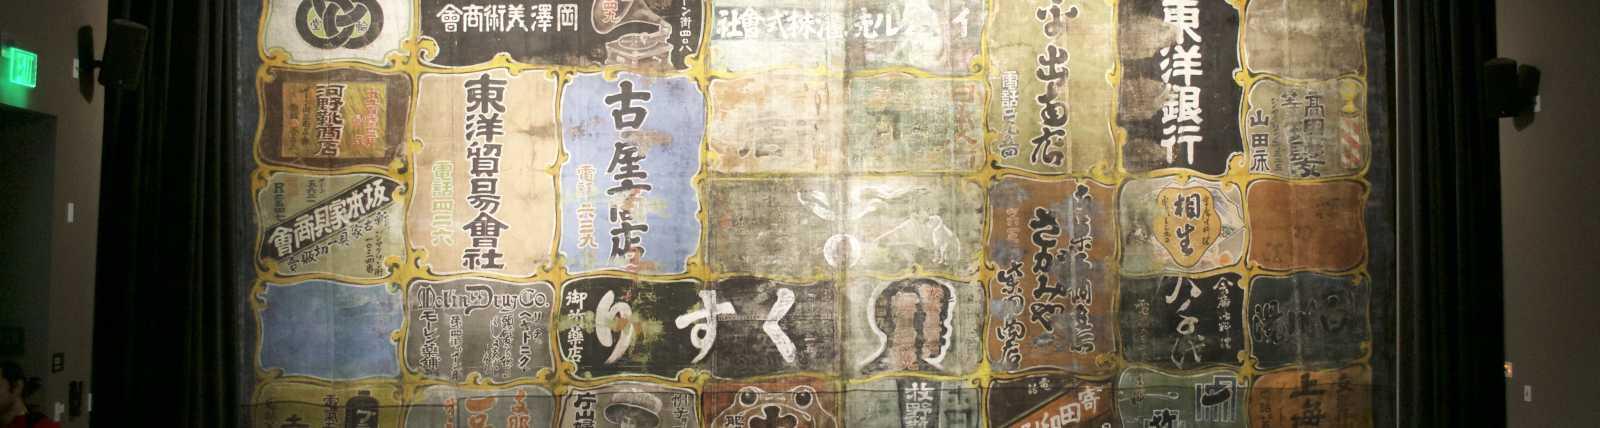 ing Luke Asian Museum